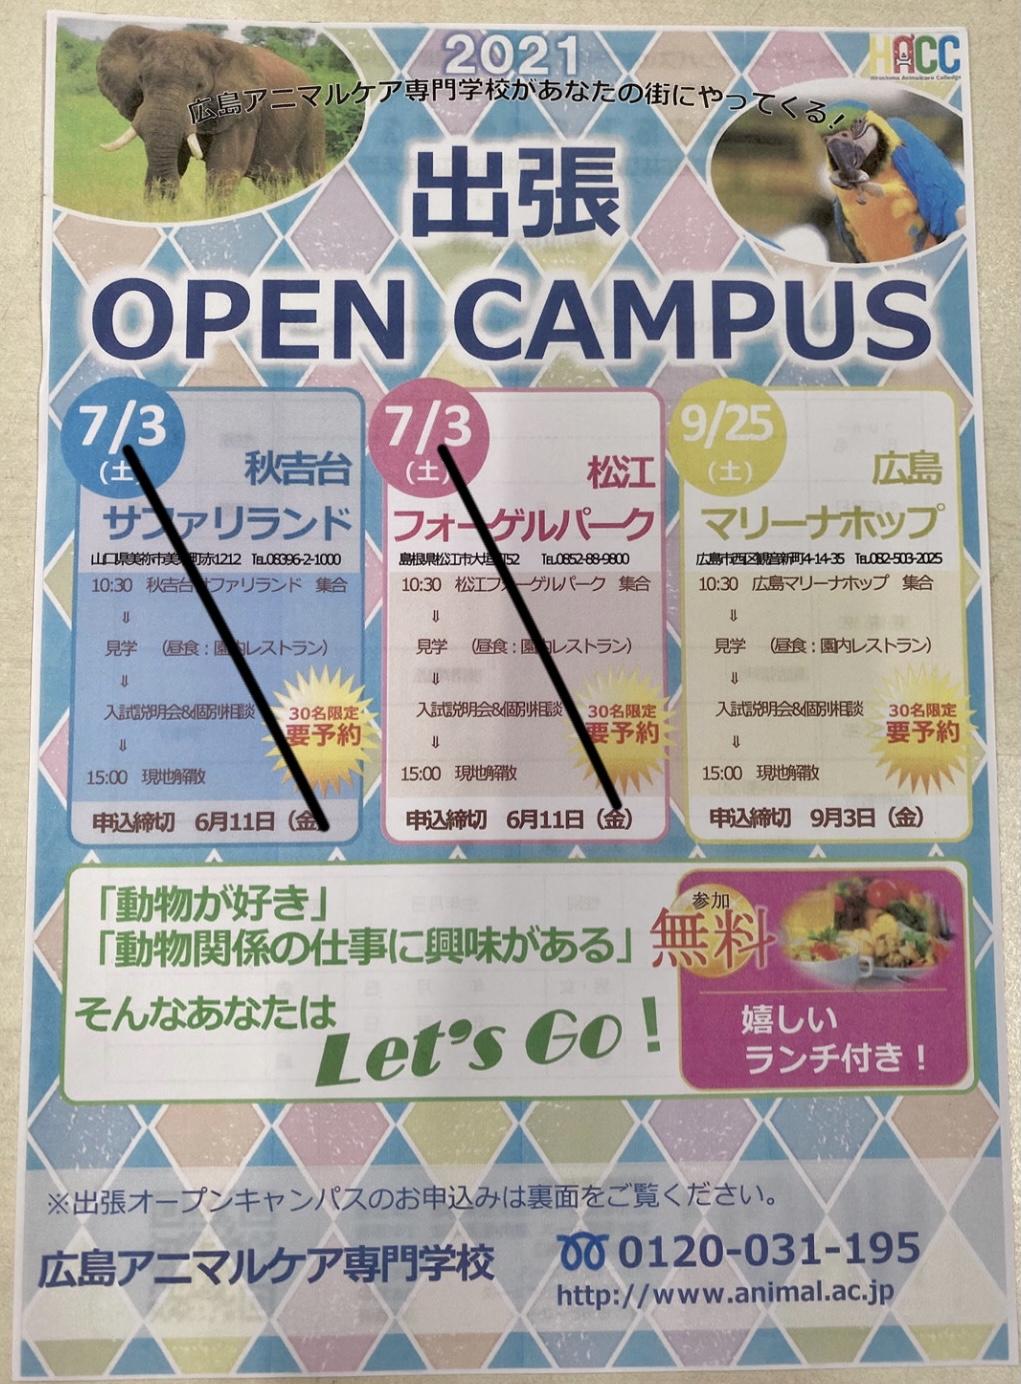 9/25(土)出張オープンキャンパスin広島マリーナホップ参加者大募集中🐬